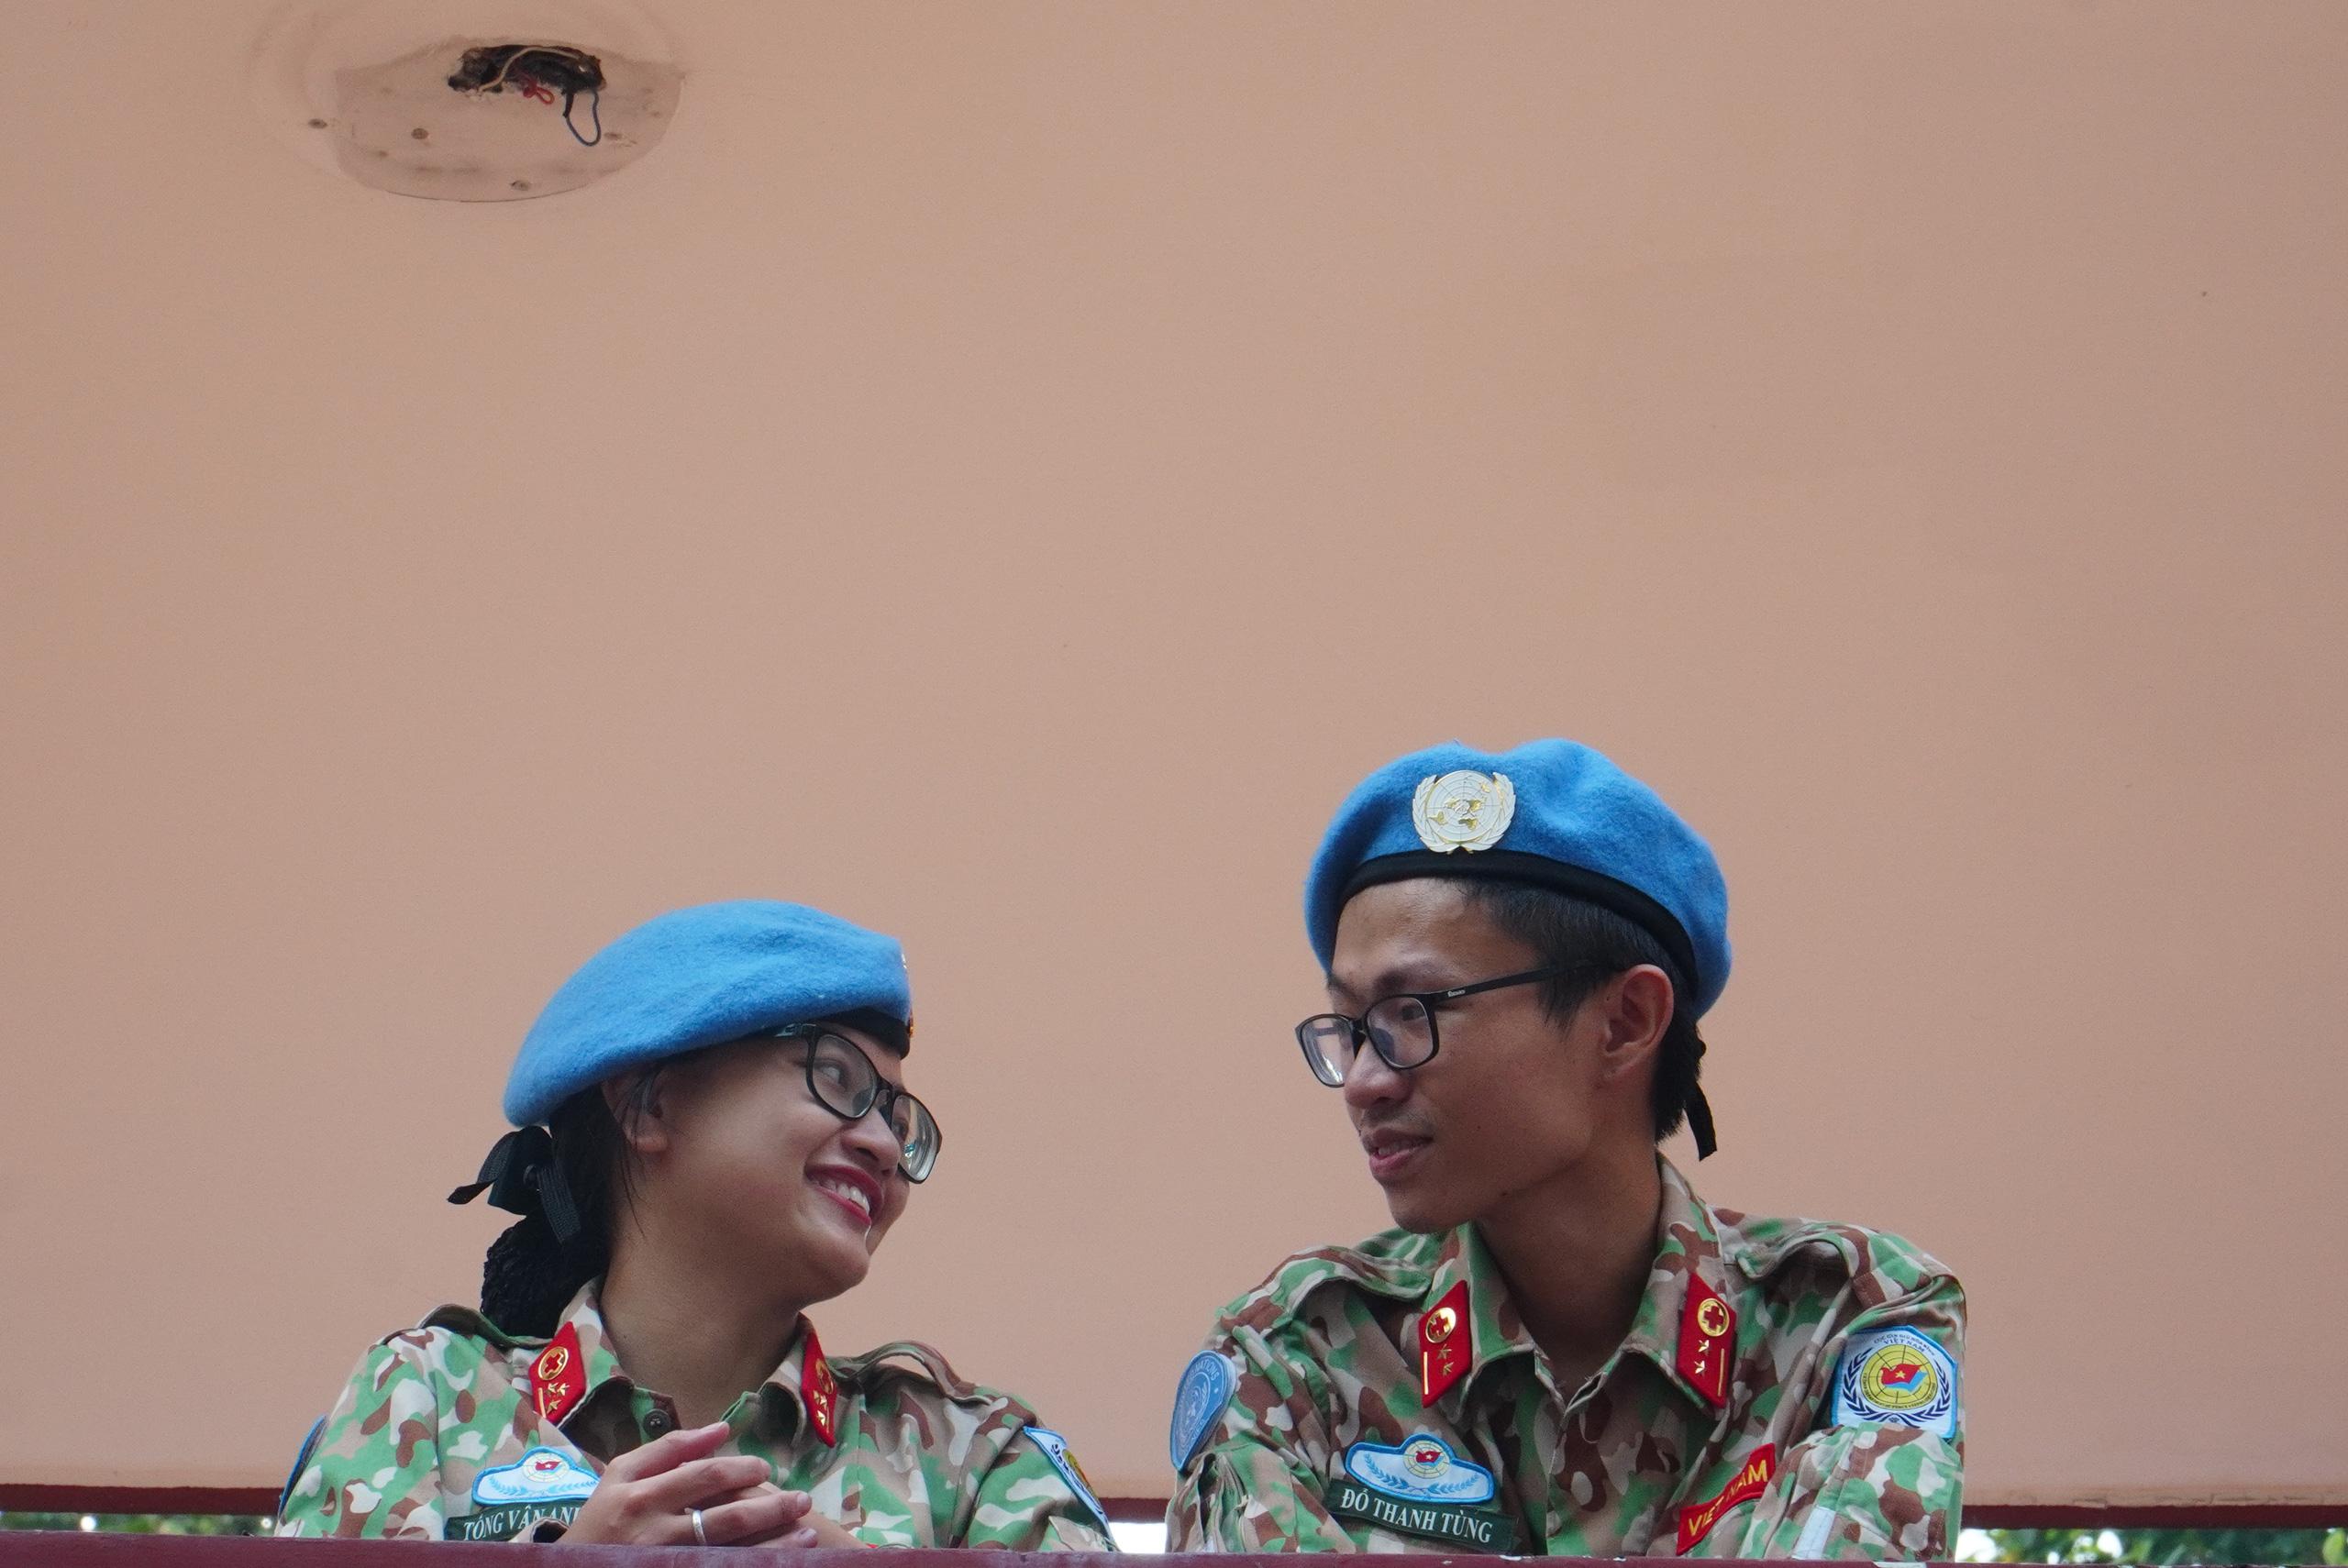 Gác chuyện riêng, vợ chồng mũ nồi xanh lên đường gìn giữ hòa bình - Ảnh 20.